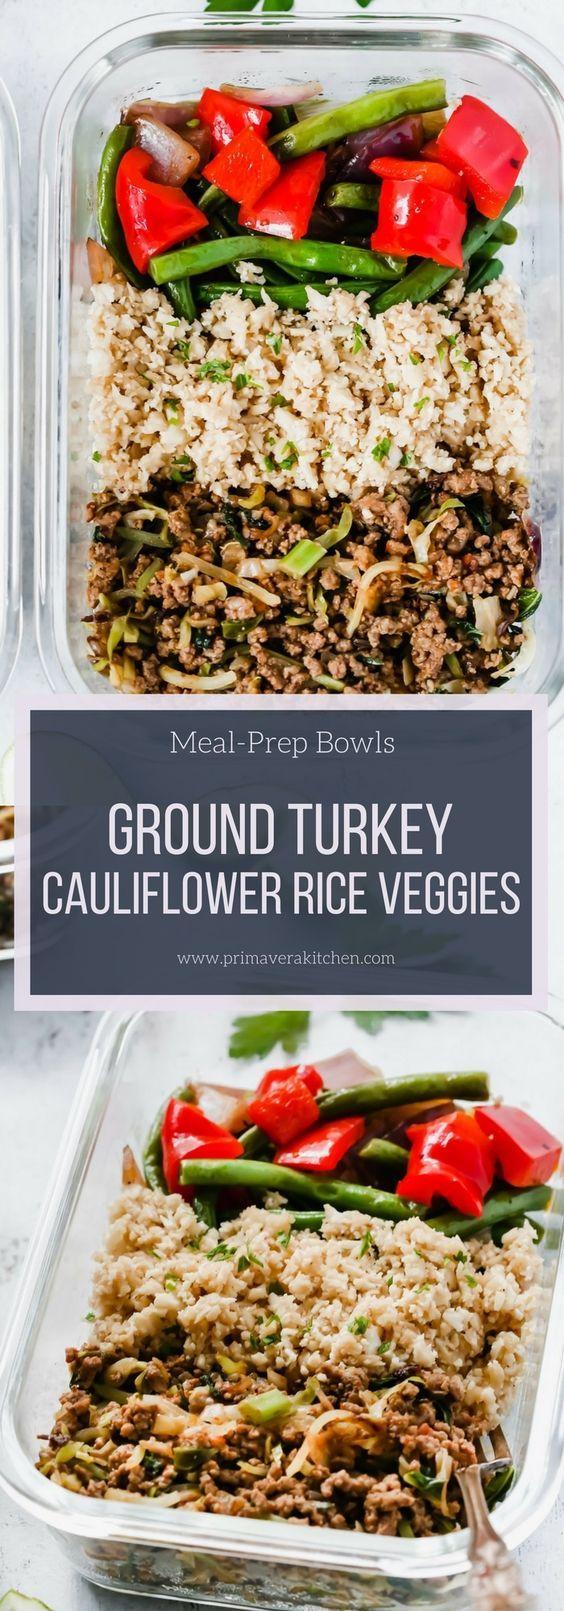 Ground Turkey Cauliflower Rice Veggies Bowls (Meal-Prep)